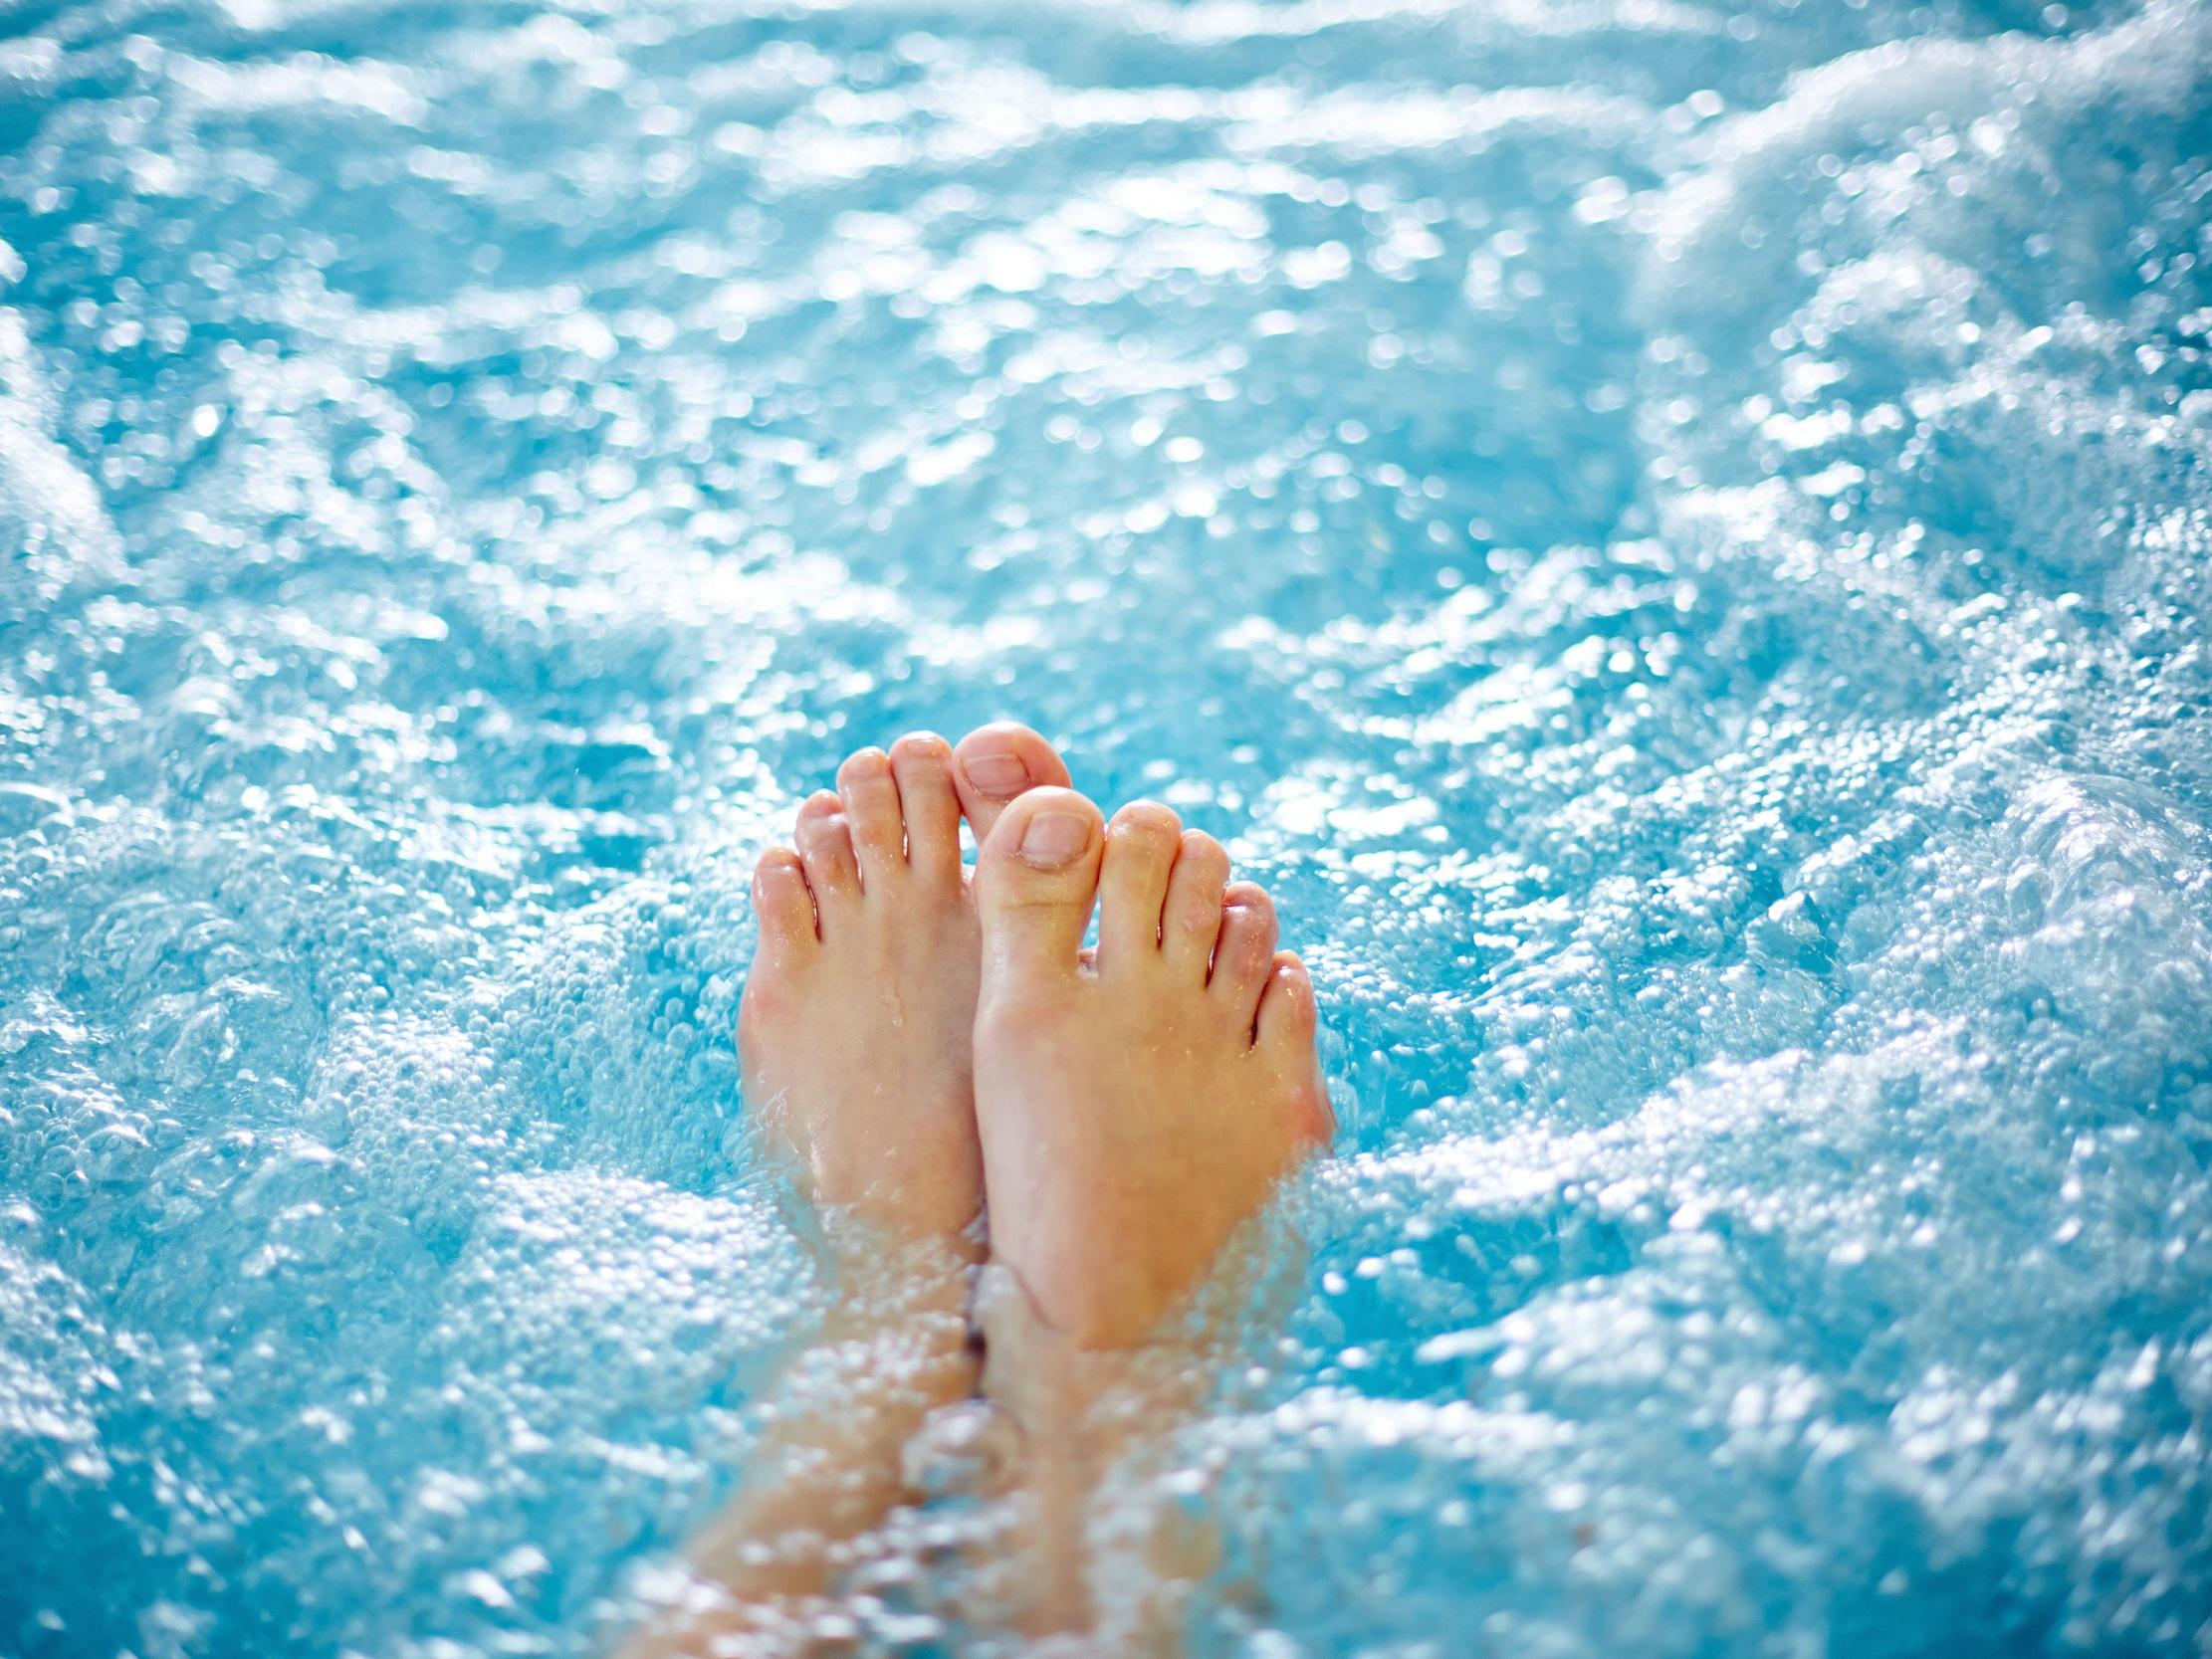 Douche sous marine Douche forte pression - SOINS DE RHUMATOLOGIECes deux soins sont effectués en piscine d'eau thermale avec jet à forte pression dirigé sur les zones du corps (33-35°C).Durée de chaque soin : 10minEffets décontracturants, myorelaxants.